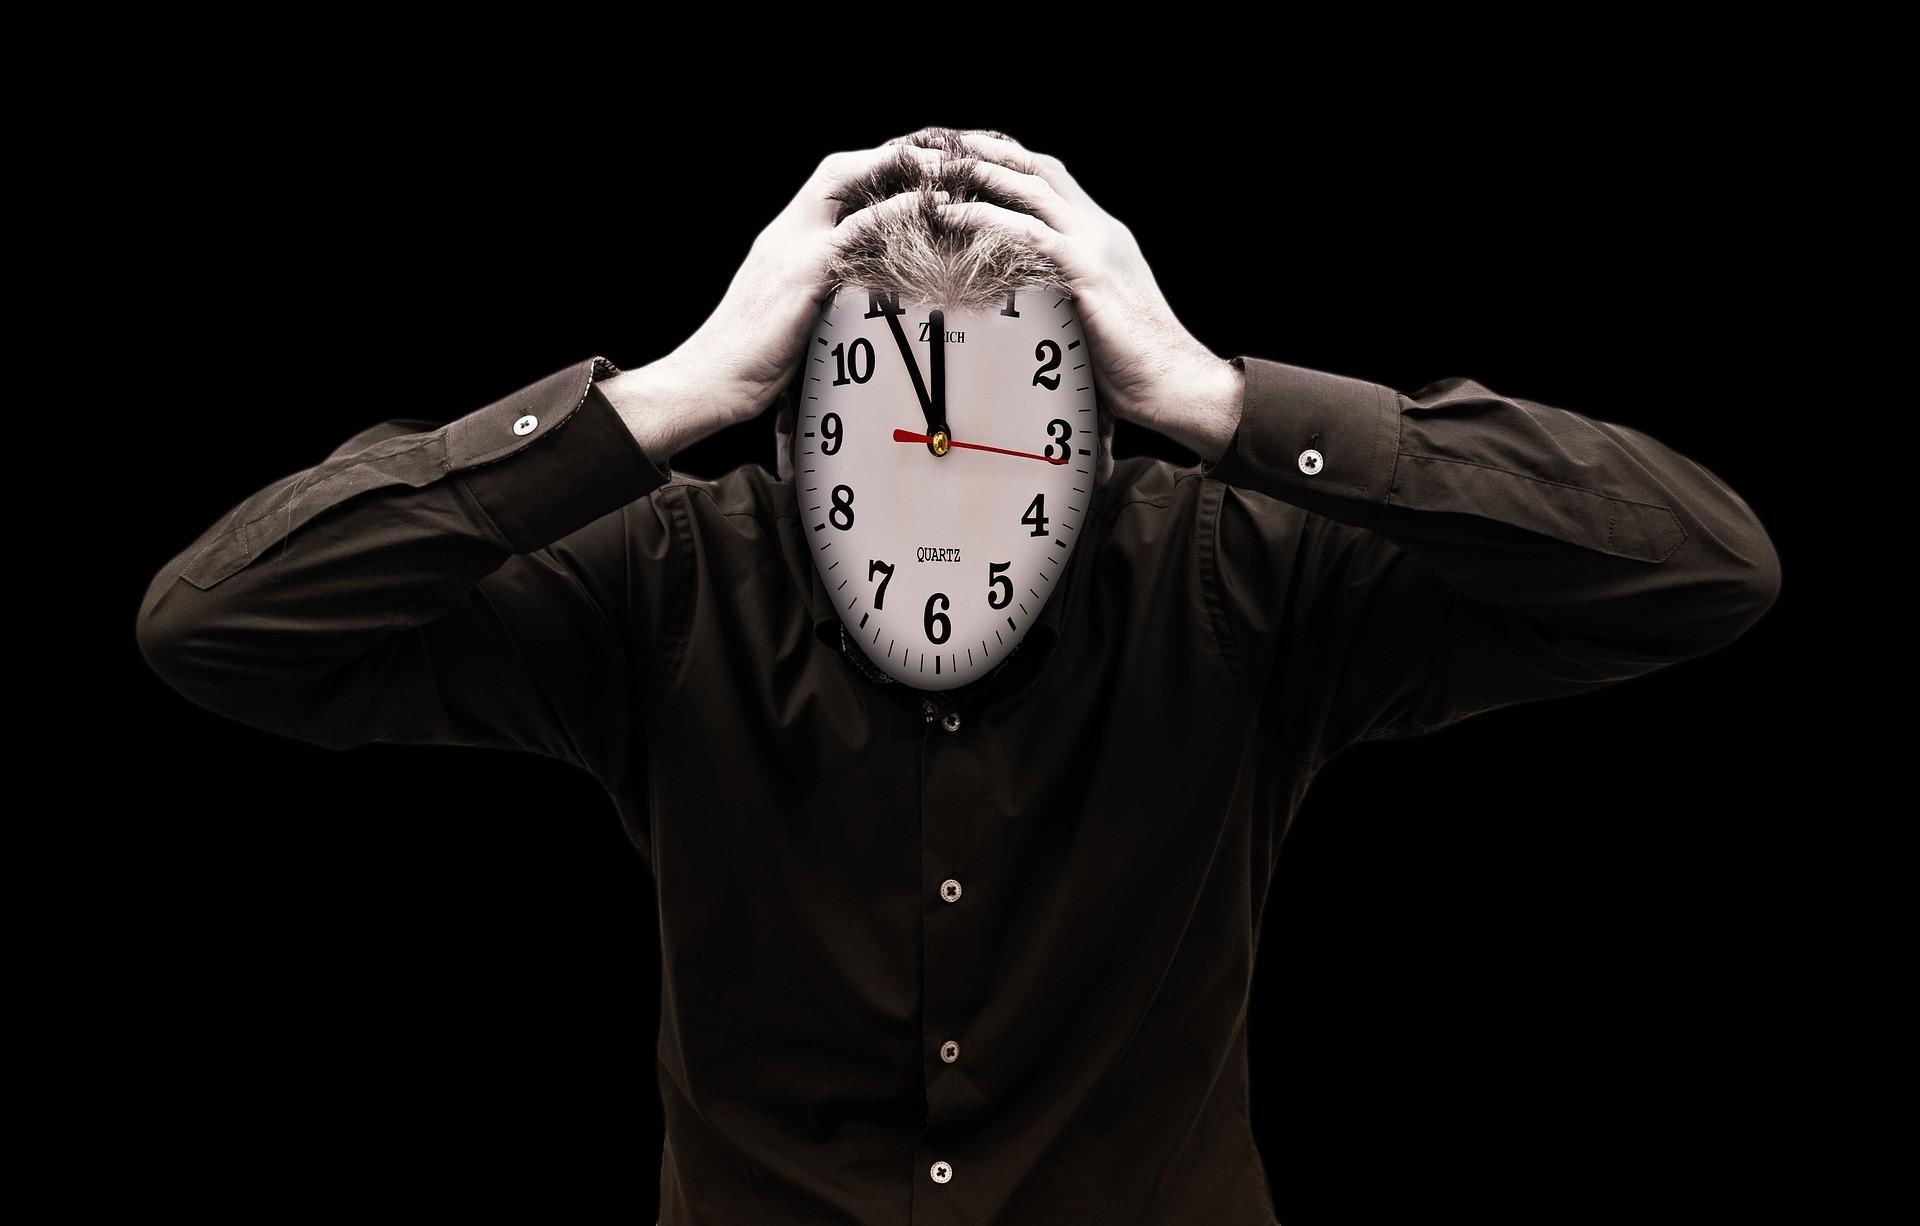 El despido disciplinario por faltas repetidas e injustificadas  de asistencia o puntualidad del trabajador